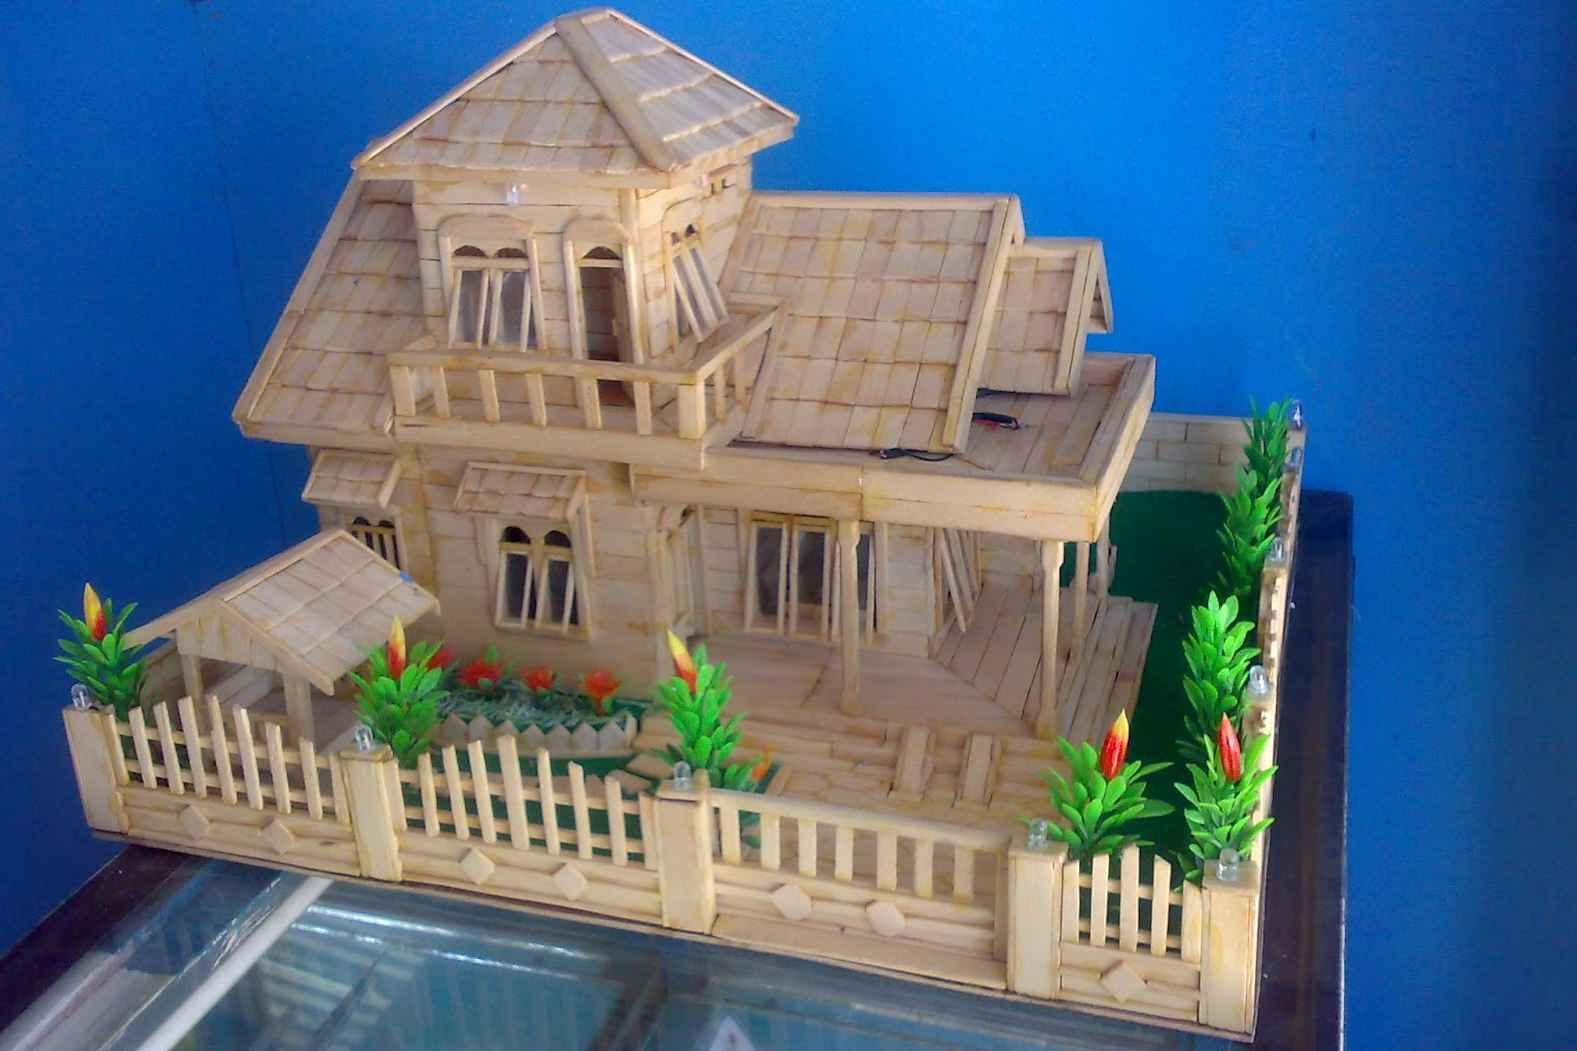 Kreasi Rumah Miniatur Dari Stik Es Krim